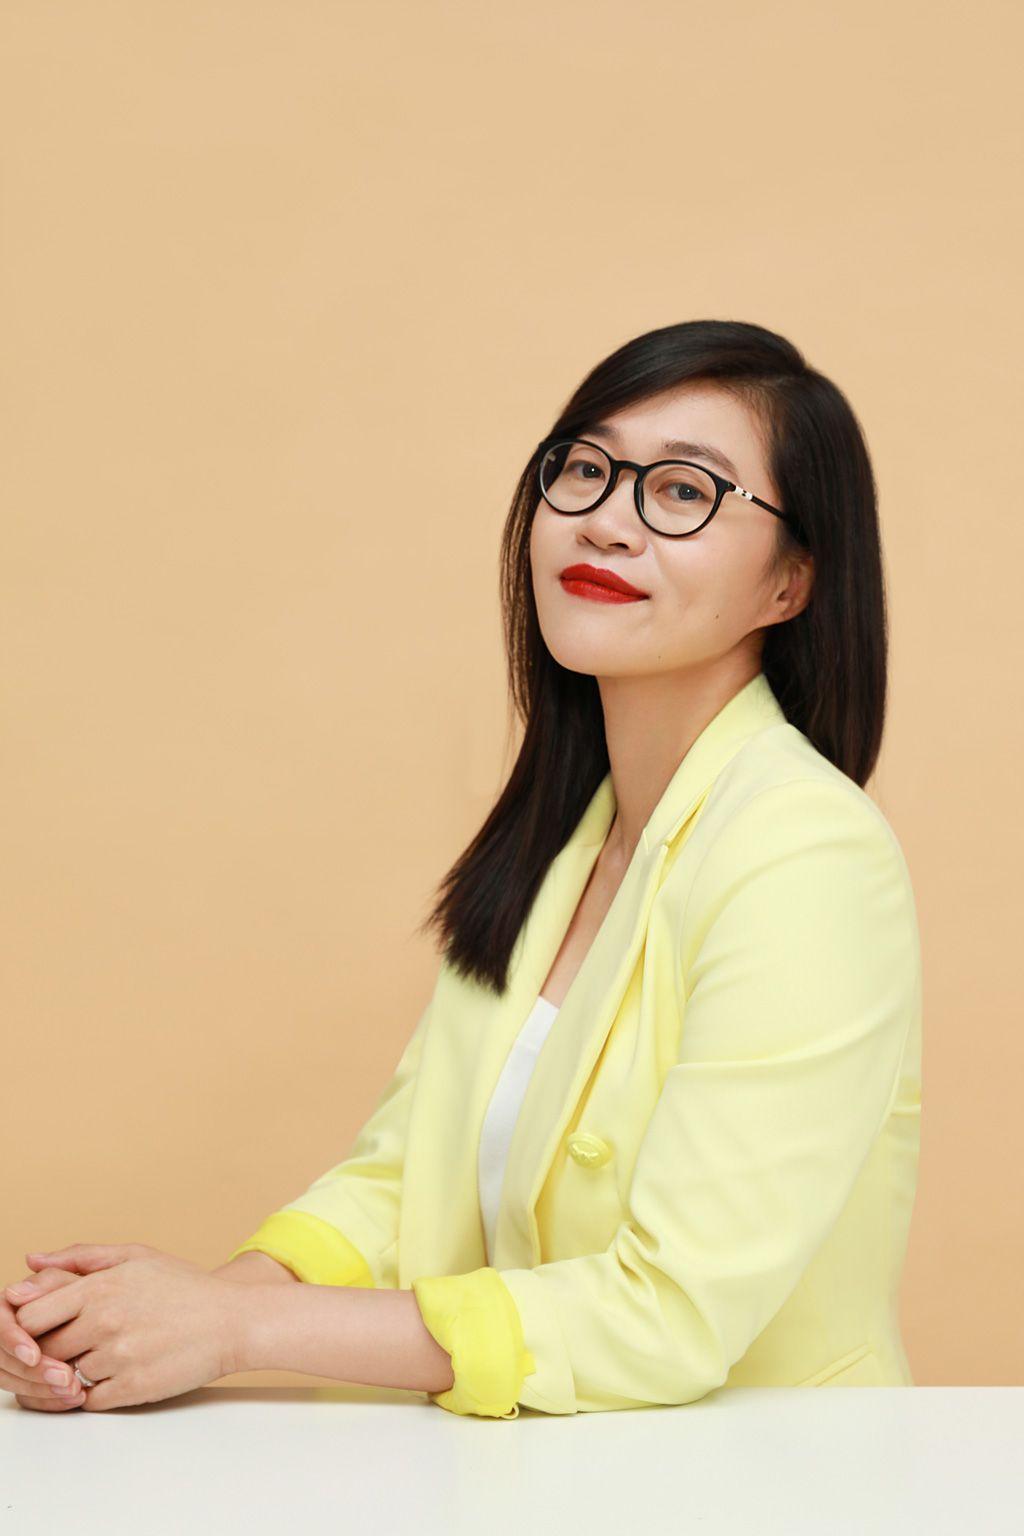 Shen Bingqing